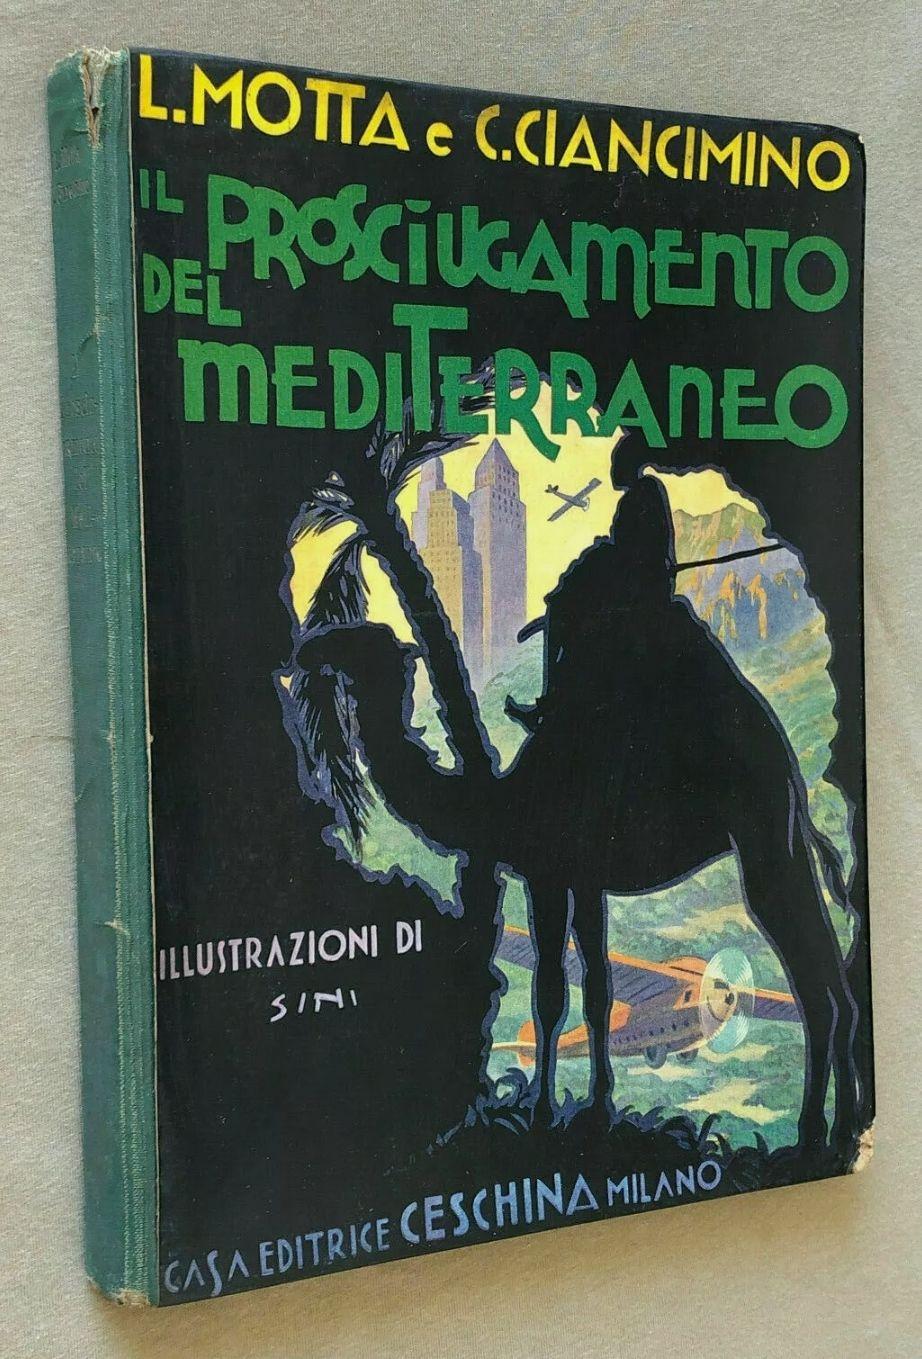 Motta Ciancimino IL PROSCIUGAMENTO DEL MEDITERRANEO Ceschina 1932 ill. Sini. Molto raro